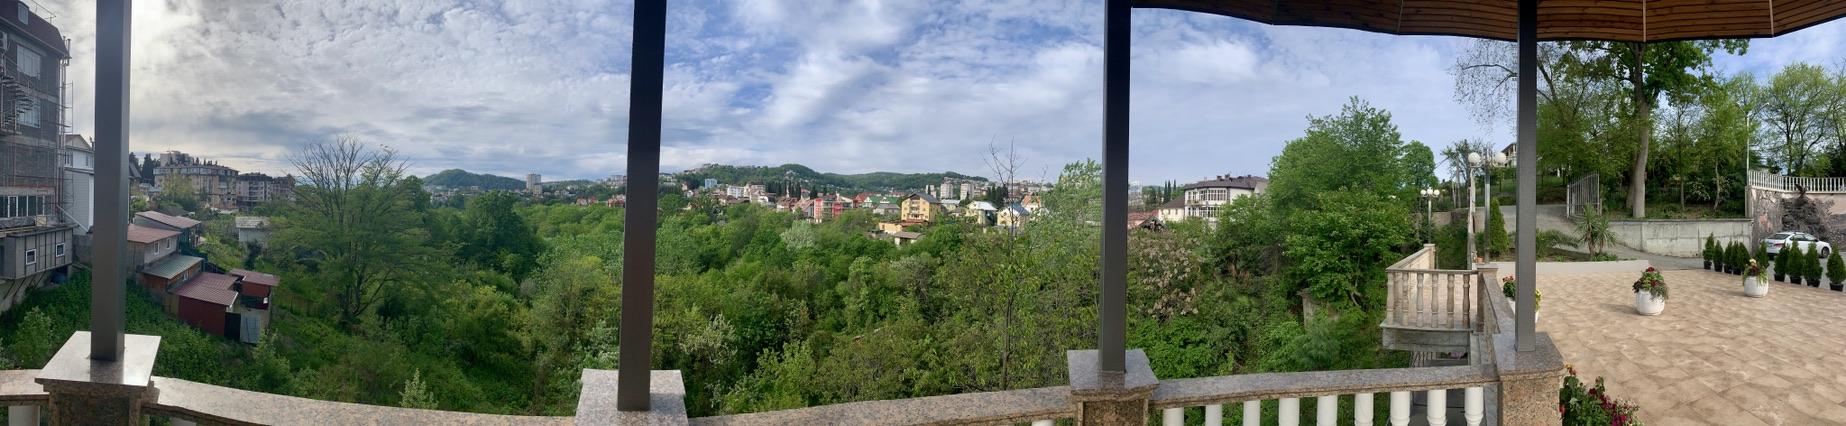 Панорама города Сочи.